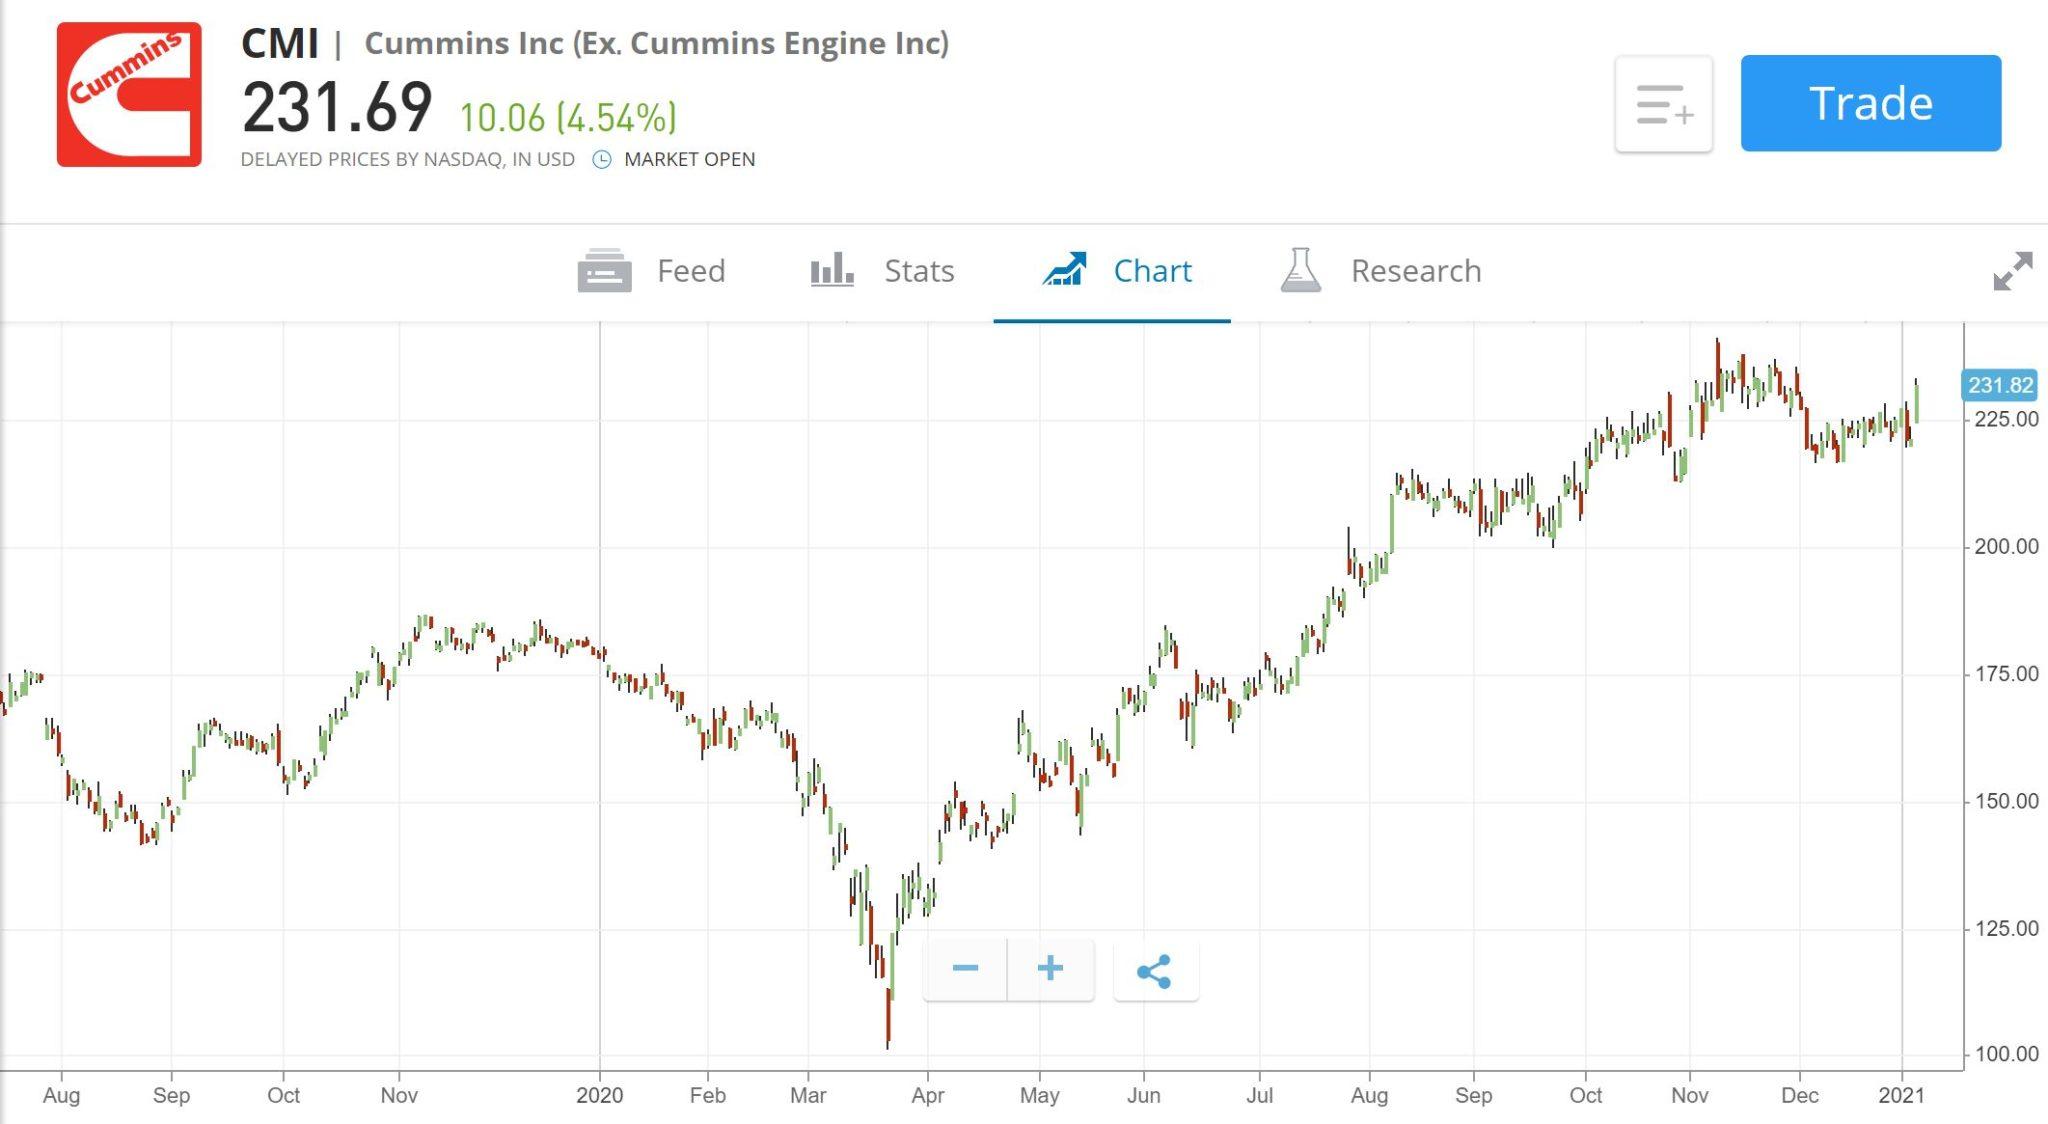 Cummins Chart on eToro